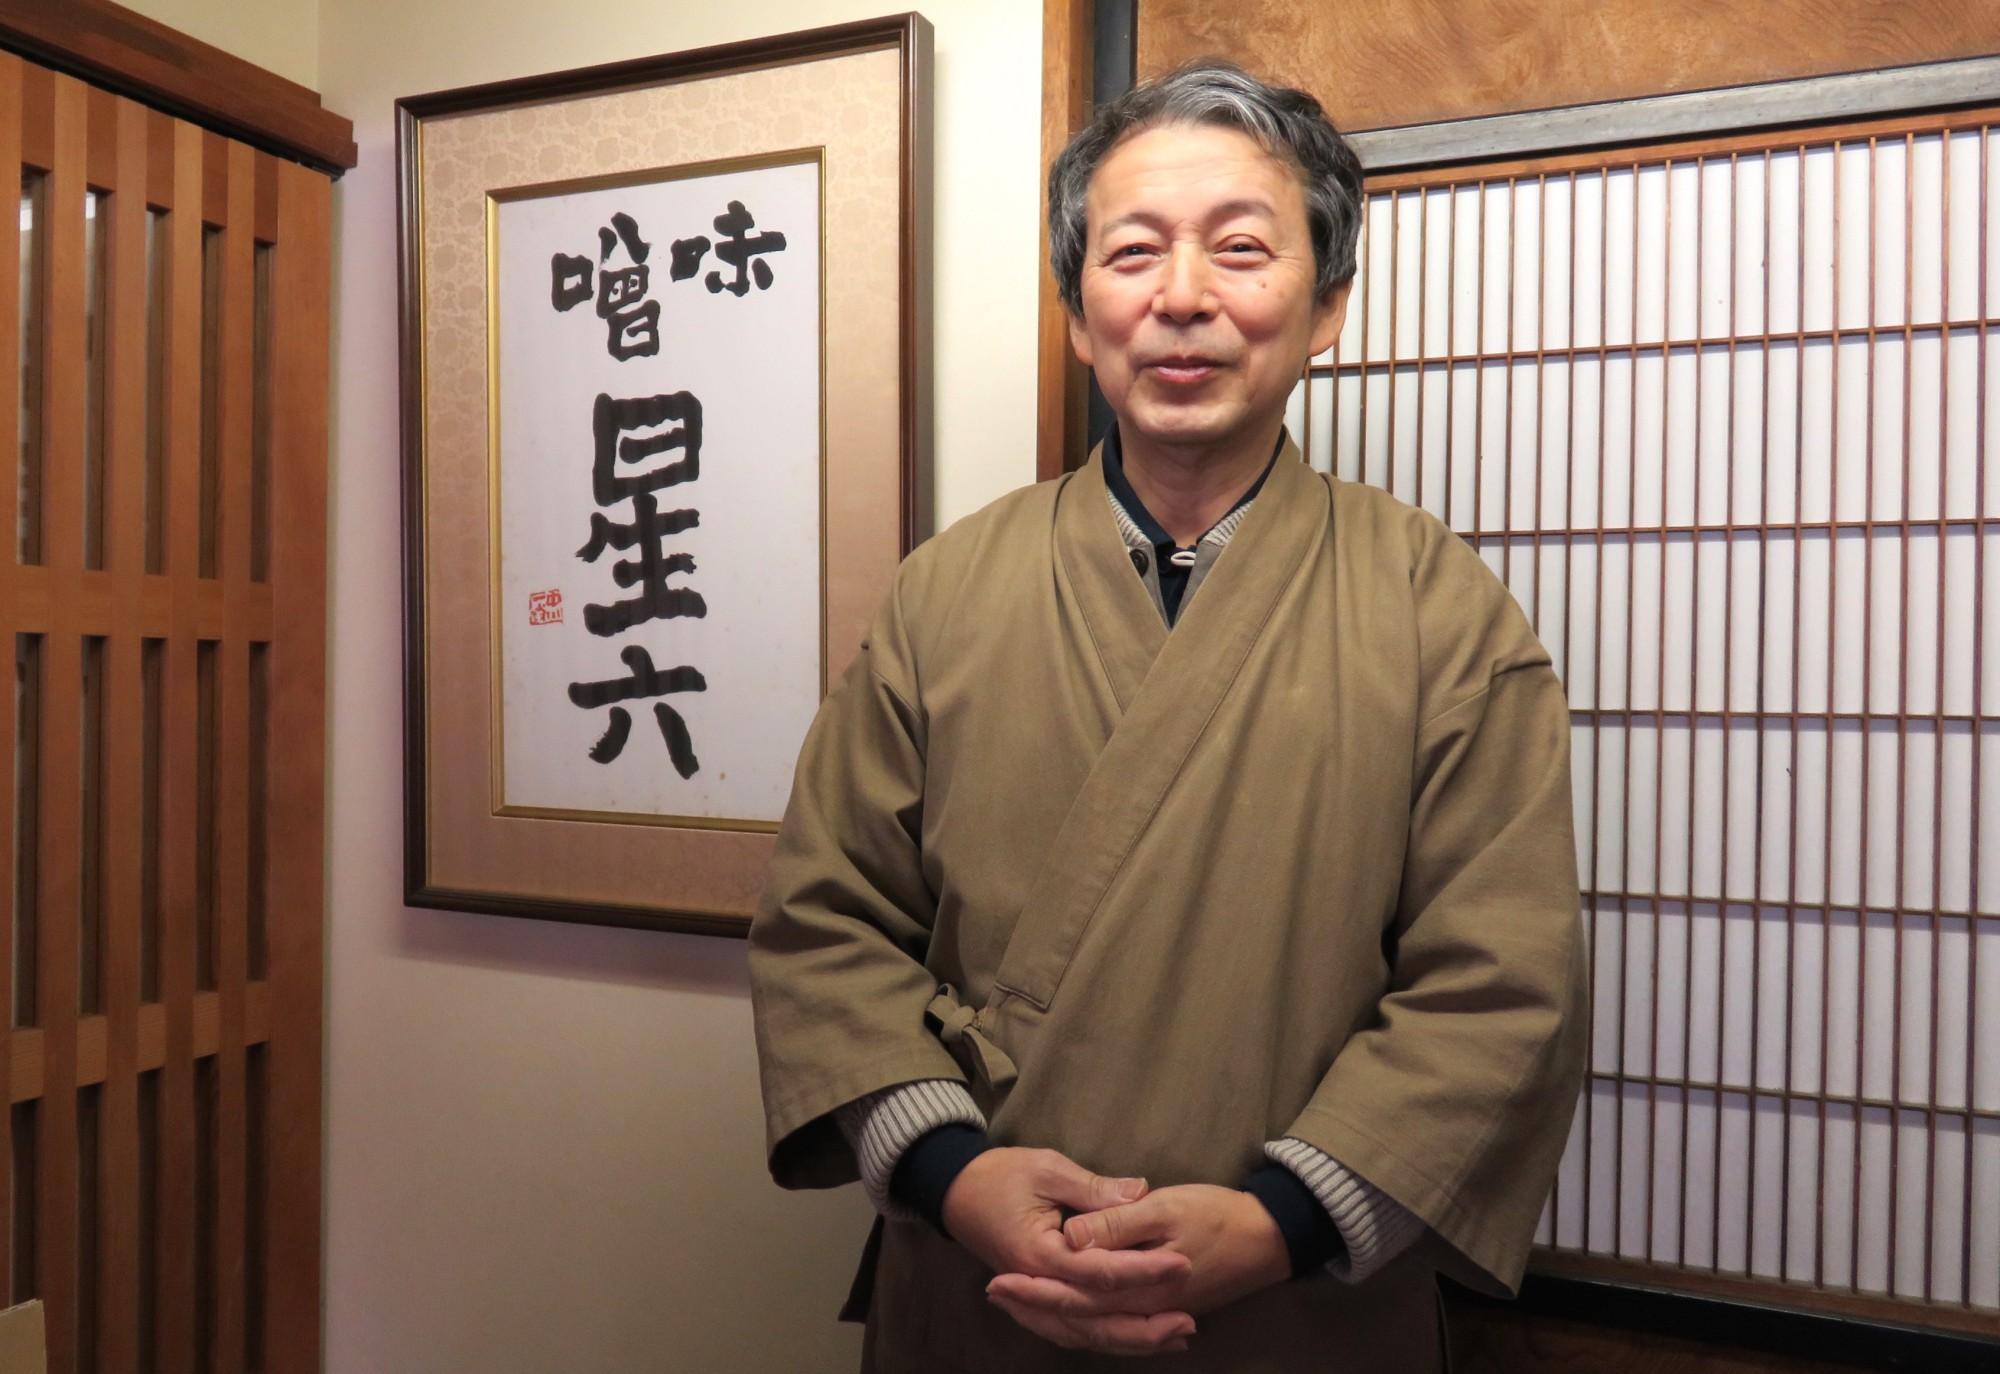 味噌星六の店主、星野正夫さん。作務衣が似合っています。Photo: Akiko Matsumaru